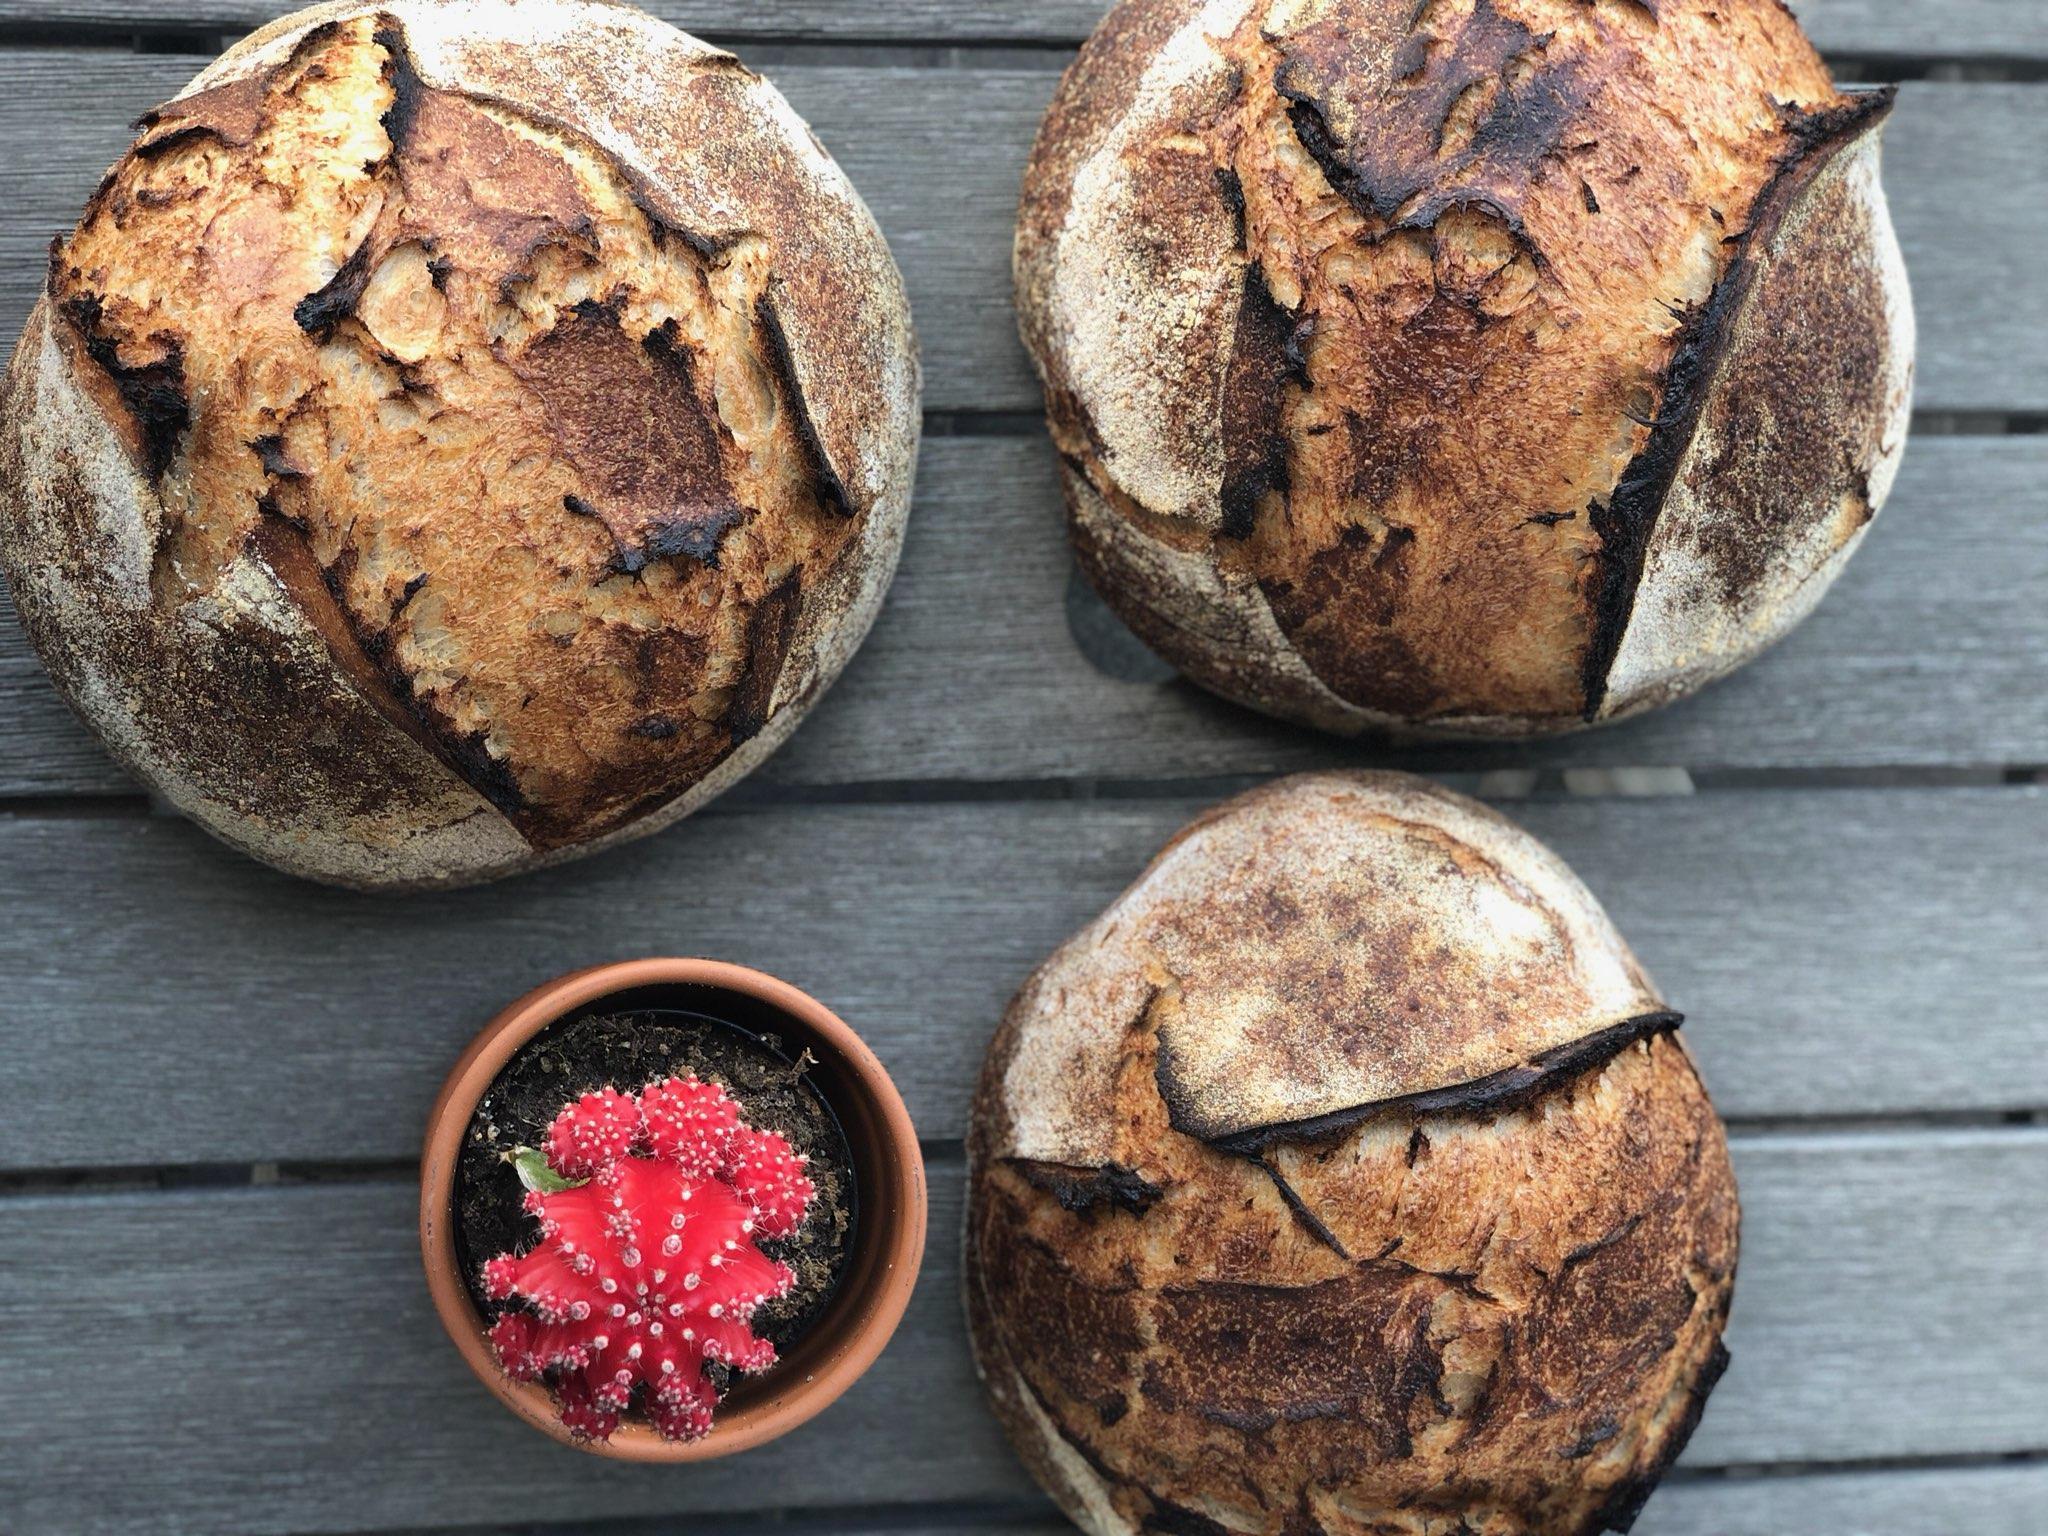 Sourdough from Desert Bread: Sourdough from Desert Bread